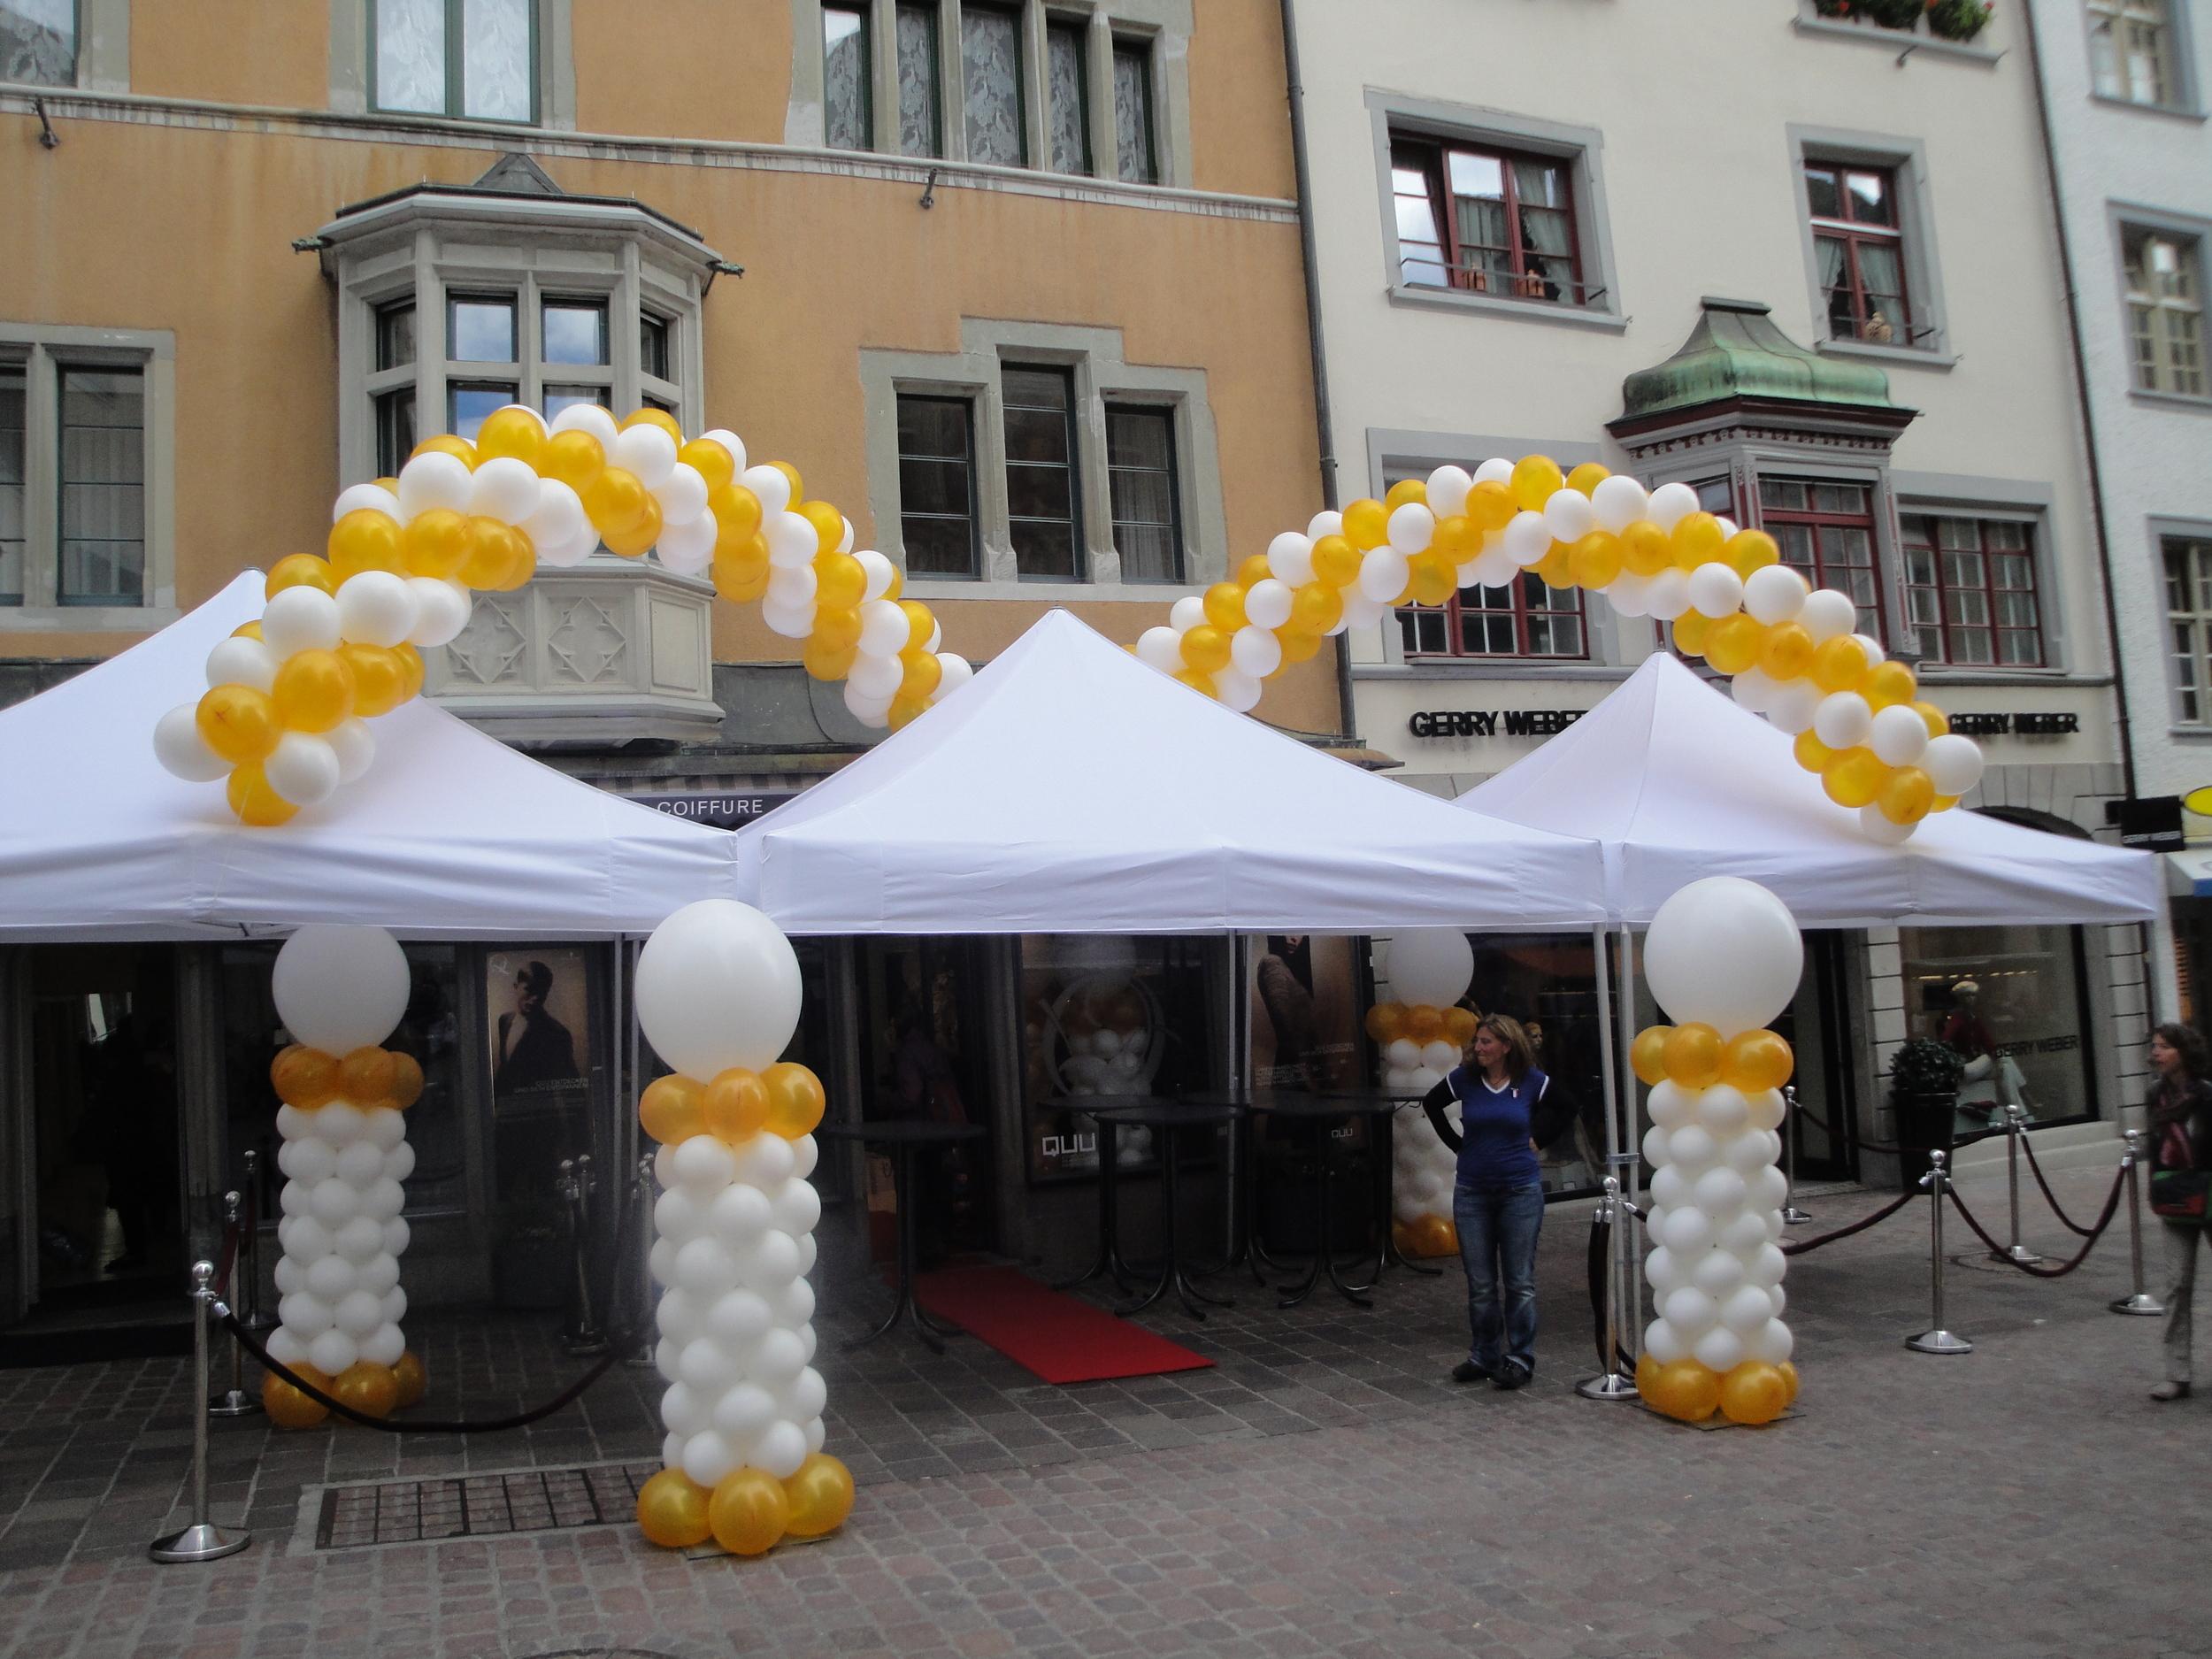 Ballonsäule römisch gold weiss.JPG